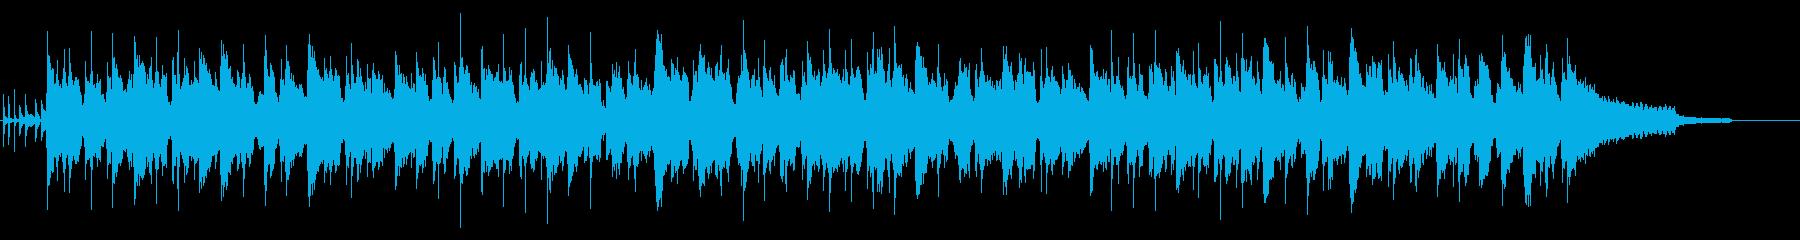 邪魔にならないボサノバBGMの再生済みの波形